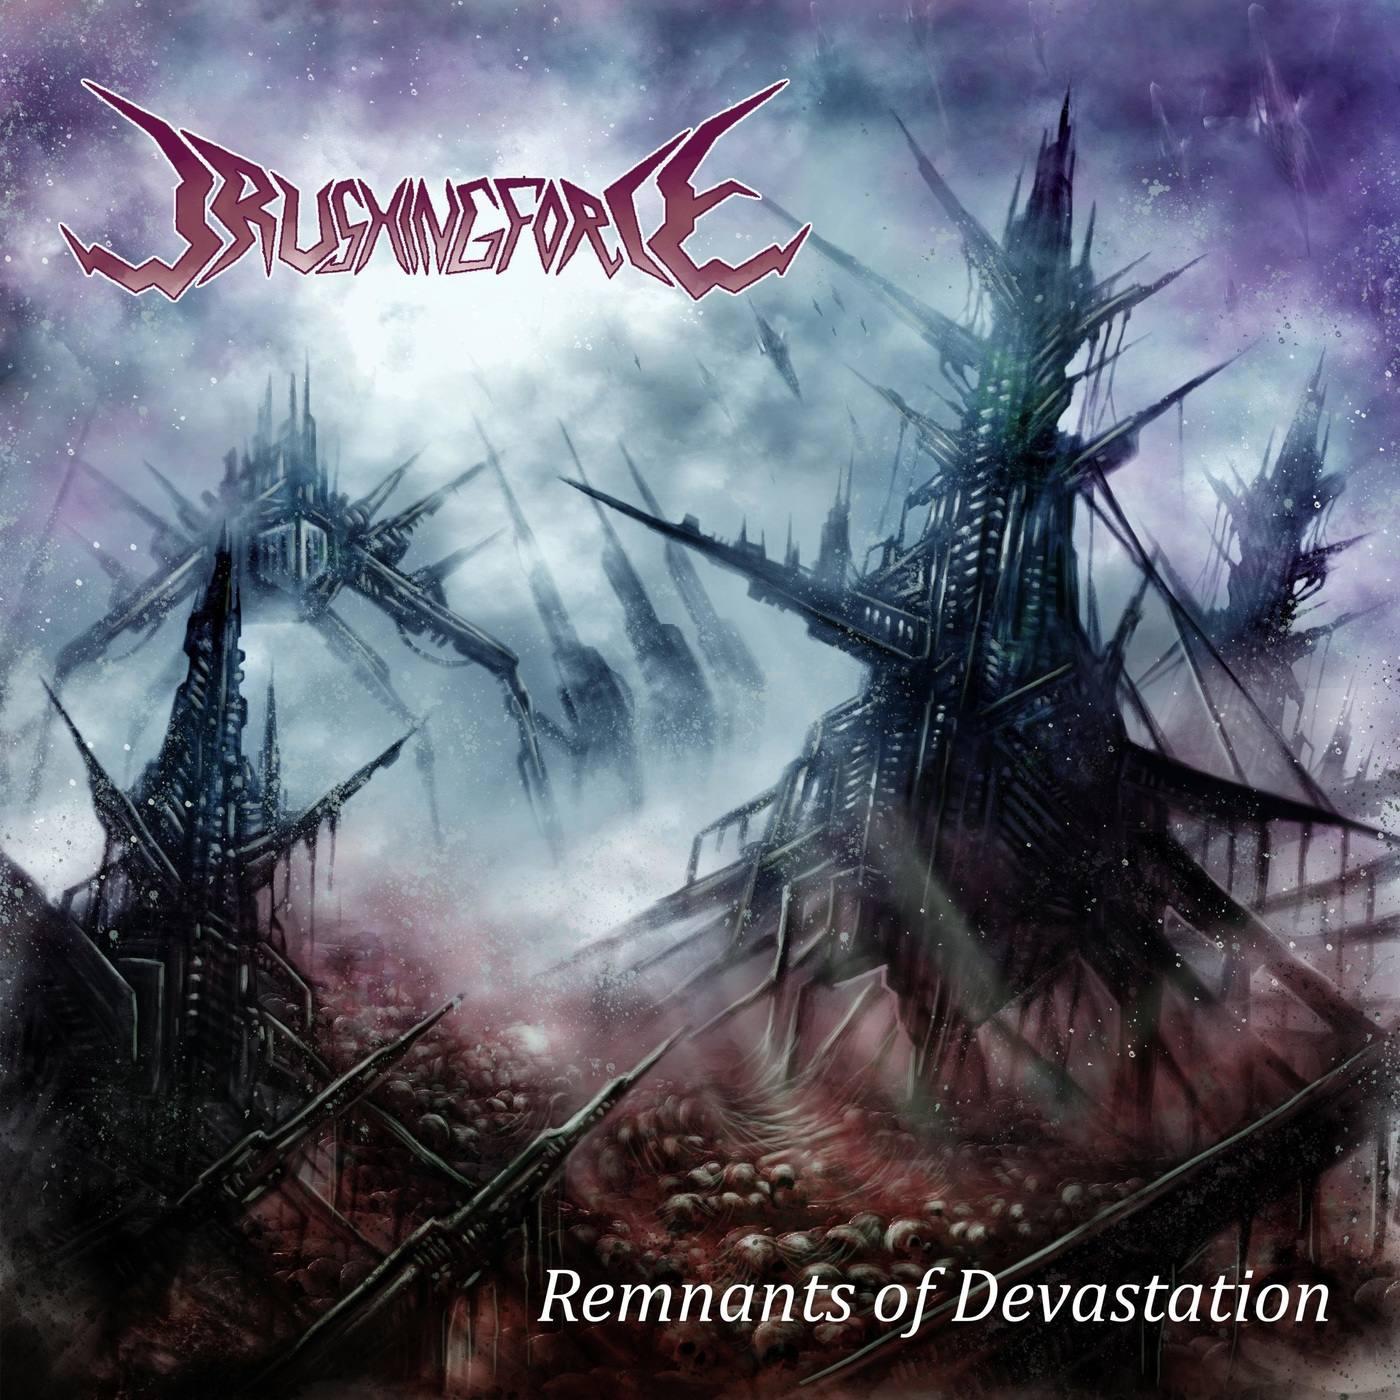 Crushing Force - Remnants of Devastation